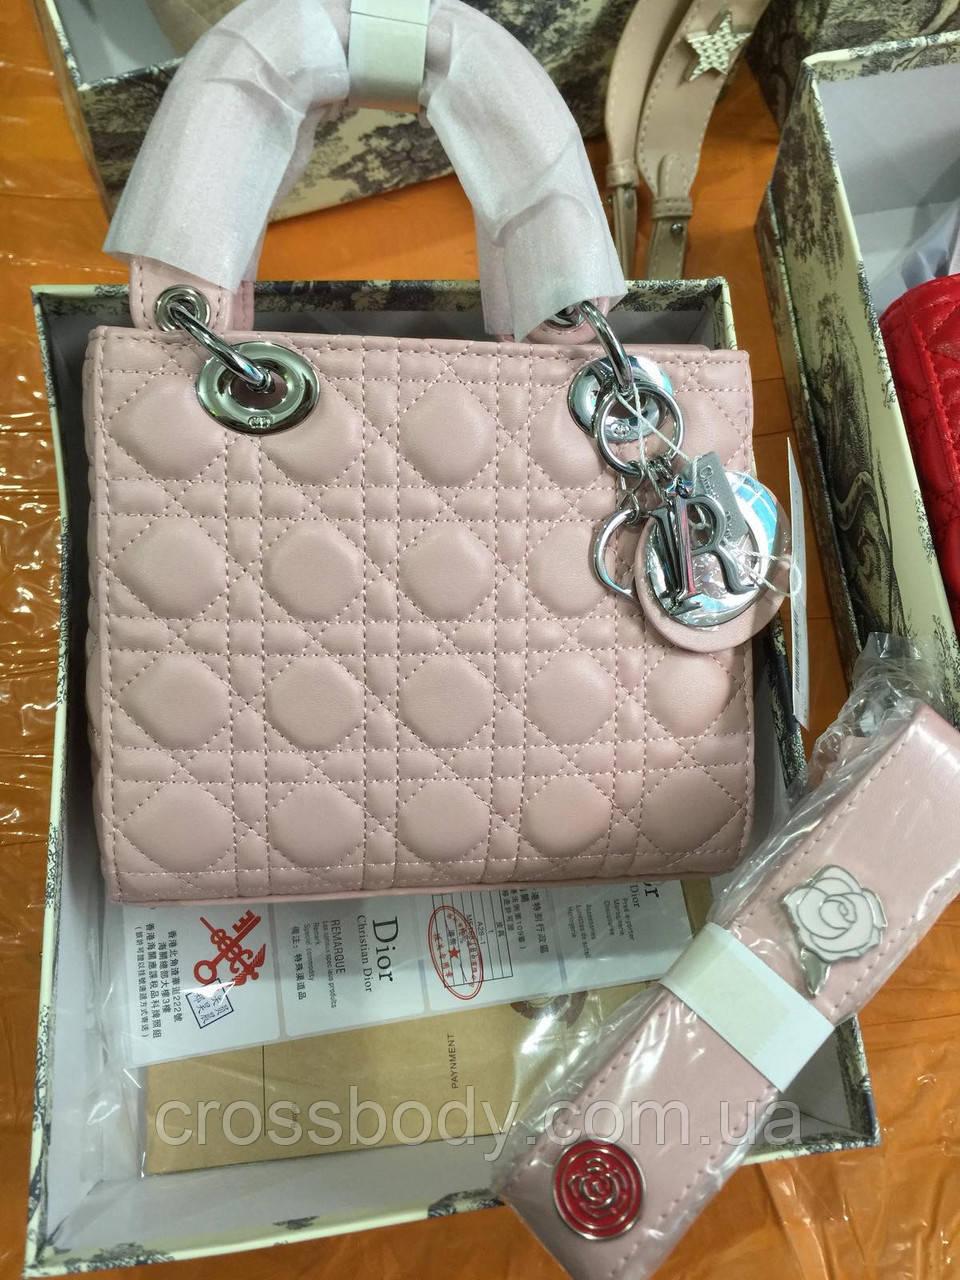 Леди Dior в коробке, пыльнике , док-ты Широкий ремень с эмаль значками Dior  Брелок в комплекте